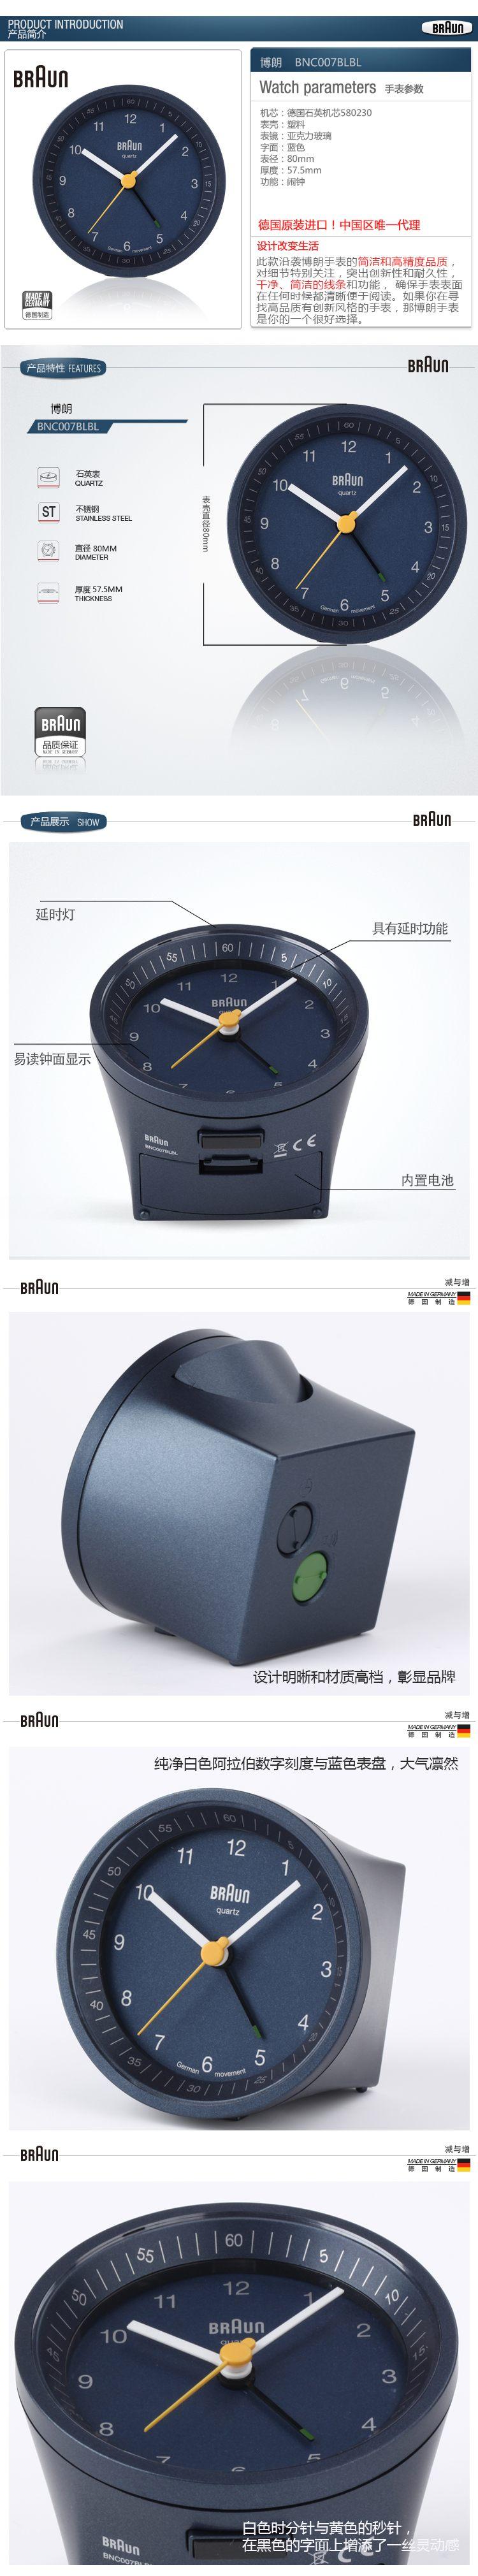 工业设计手绘闹钟